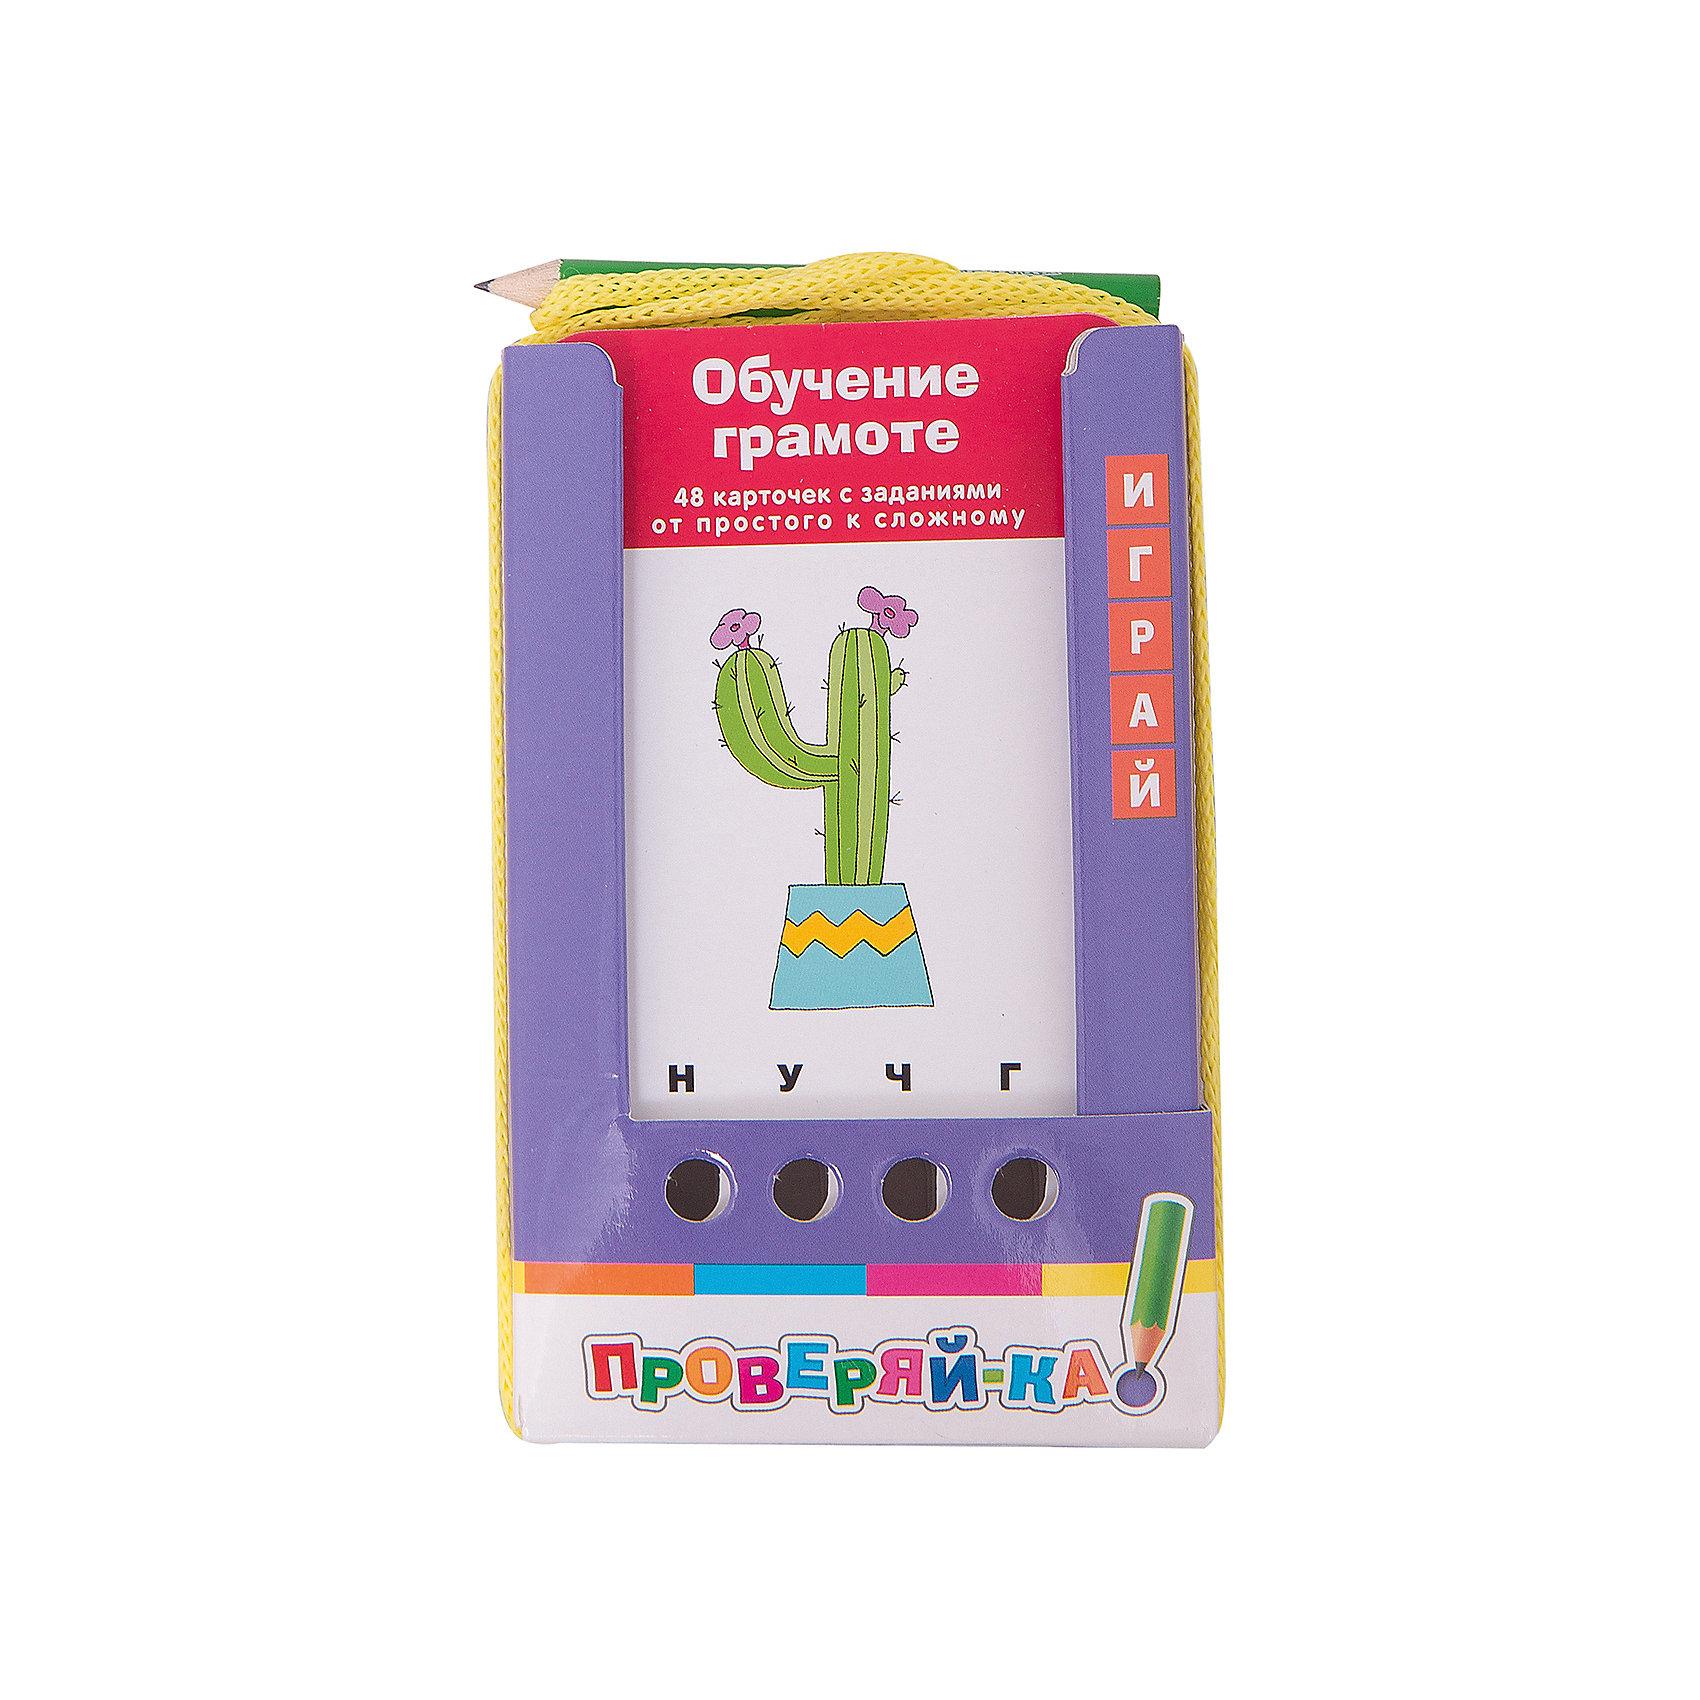 English: Проверяй-ка: Обучение грамотеАЙРИС-пресс<br>Комплект состоит из 48 двухсторонних карточек и рассчитан на две разных игры с цветной и чёрно-белой сторонами. Игры-задания на карточках с рисунками, кроссвордами, головоломками  познакомят ребёнка с буквами русского алфавита, научат определять и различать гласные и согласные звуки, ставить ударение в словах и работать со звуковыми моделями.&#13;<br>Условия игры с карточками подразумевают их многократное использование. Простота и удобство комплекта позволяют организовать игру в детском саду, в школе, дома, а также в транспорте или на природе. Благодаря игровой форме пособия учебный материал усваивается легче и без принуждения, реализуется безопасное для здоровья ребёнка обучение.<br><br>Ширина мм: 22<br>Глубина мм: 90<br>Высота мм: 140<br>Вес г: 120<br>Возраст от месяцев: 60<br>Возраст до месяцев: 84<br>Пол: Унисекс<br>Возраст: Детский<br>SKU: 6849599